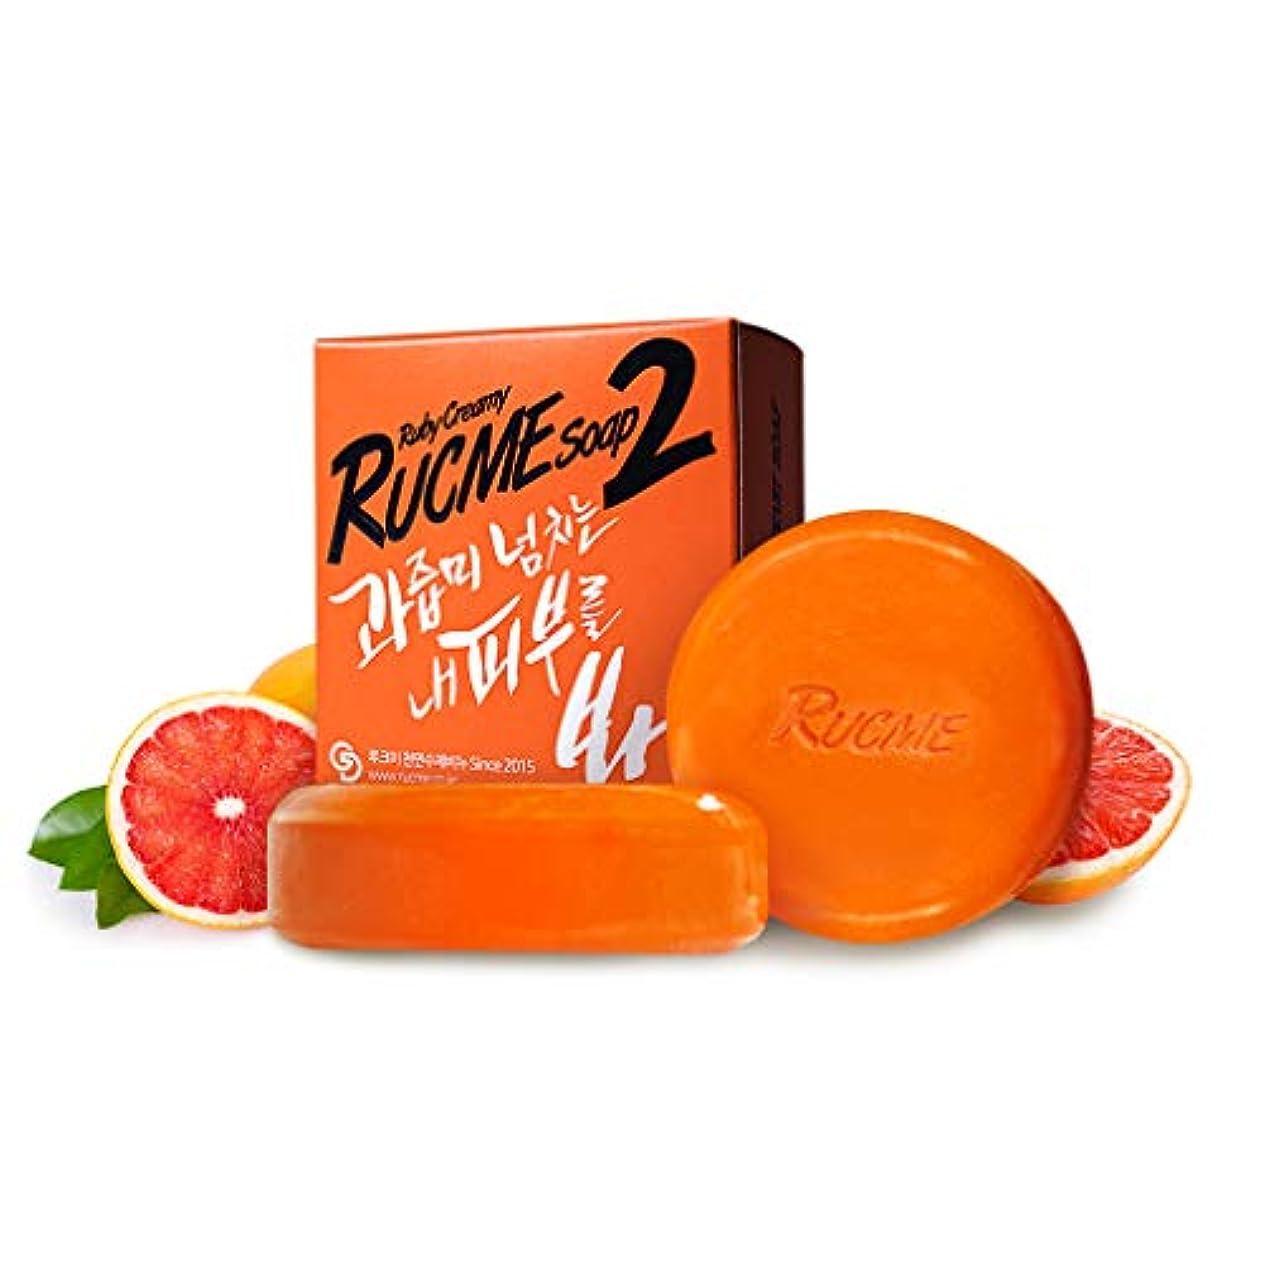 高さギャロップ苦味[RUCME] グレープフルーツ&パプリカ 洗顔石鹸/ルビークリーミーソープ 2